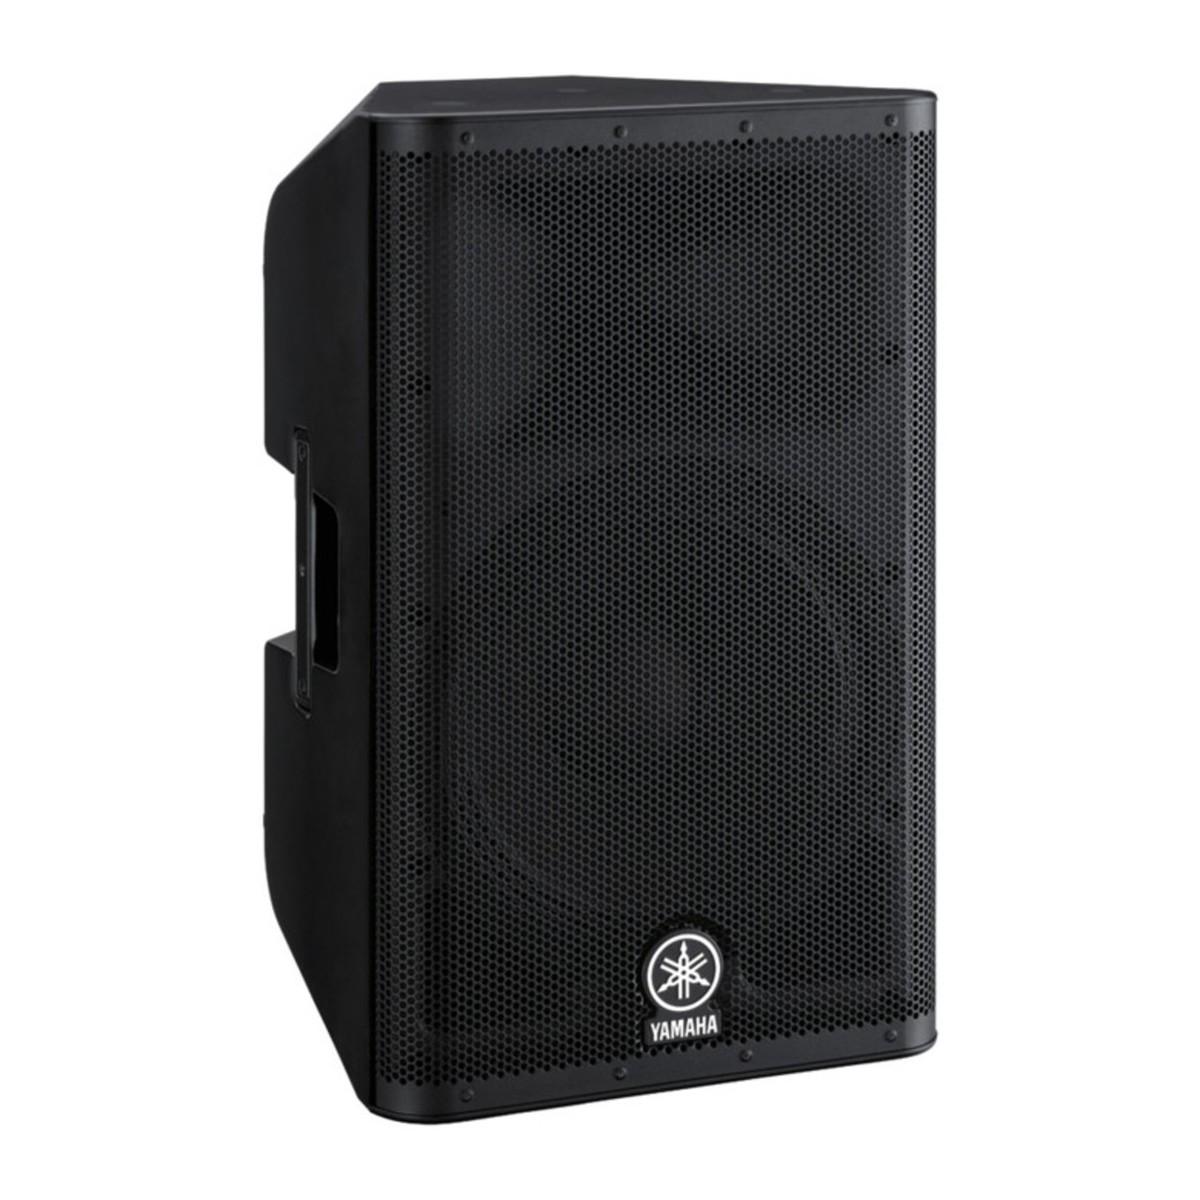 Yamaha dxr15 active pa speaker bundle at for Yamaha dj speaker